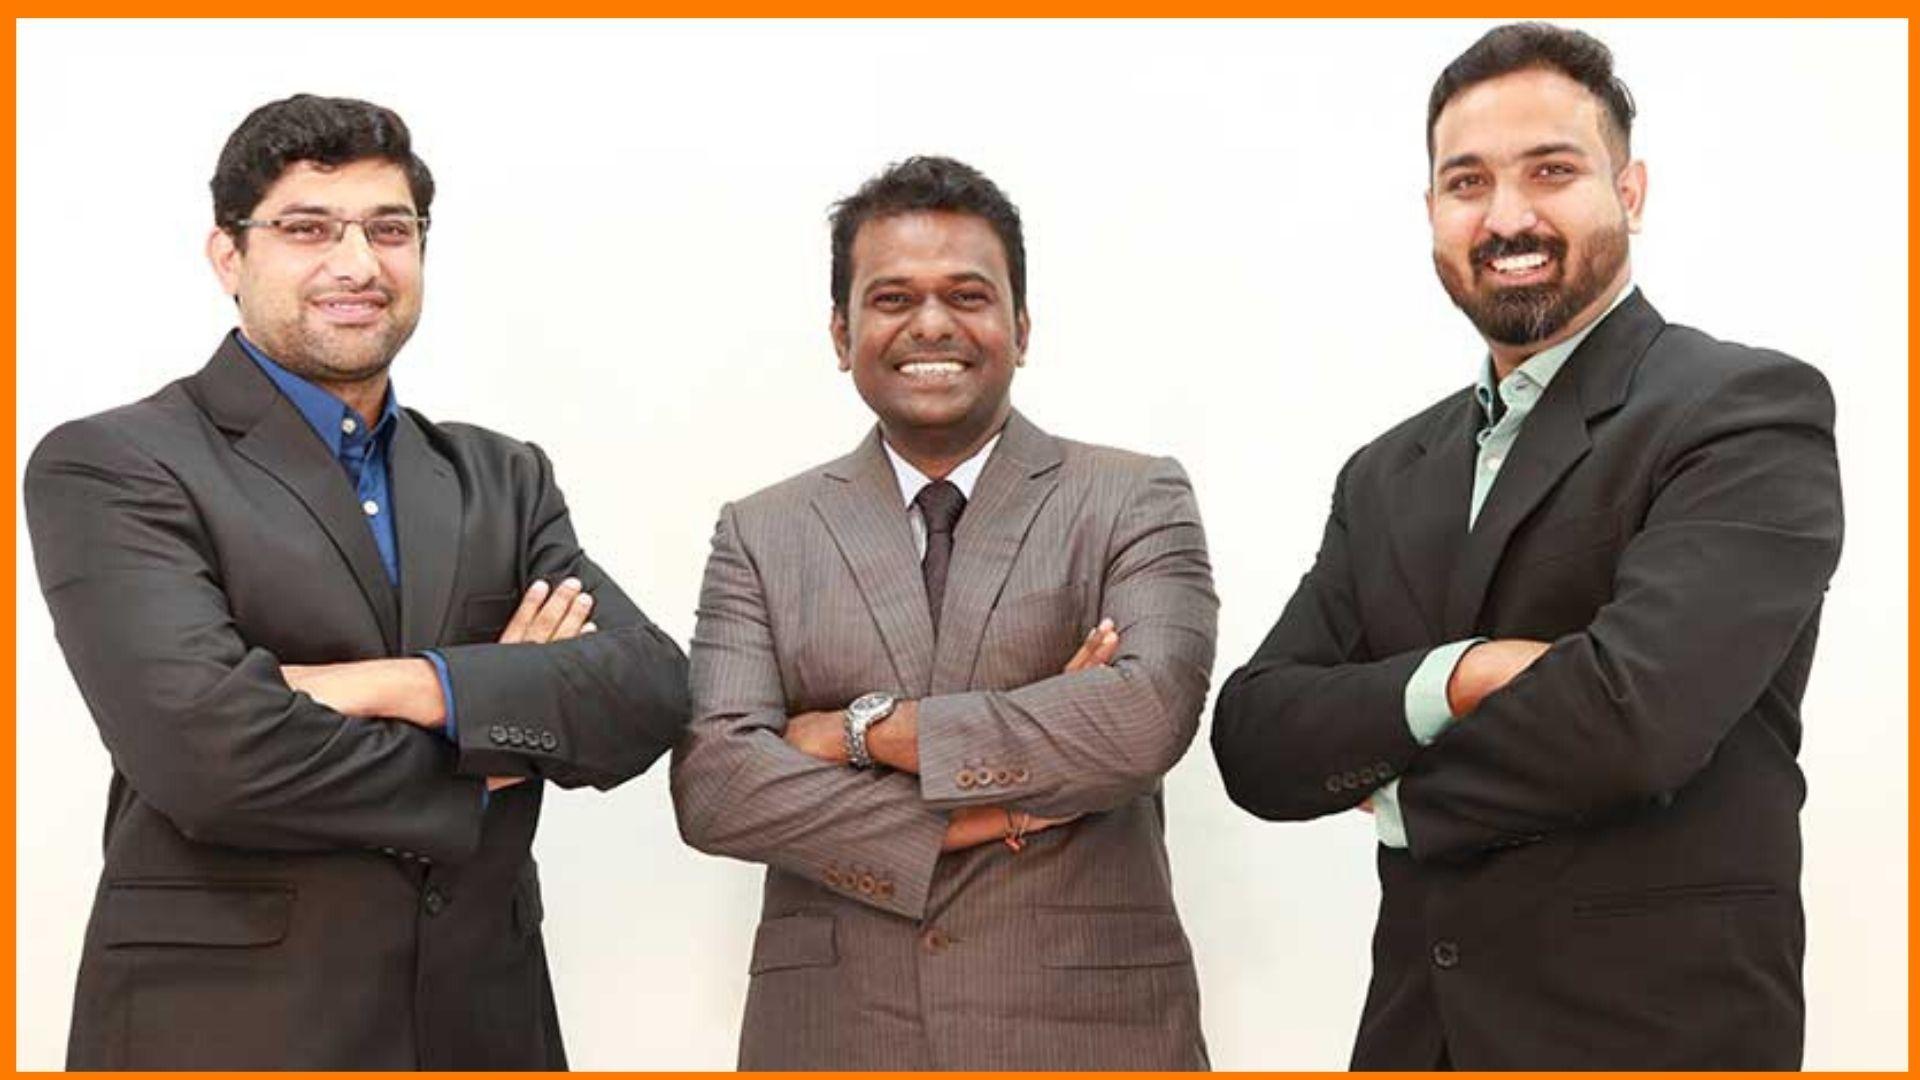 Flintobox owners Arunprasad Durairaj, Vijaybabu Gandhi, and Shreenidhi Srirangam